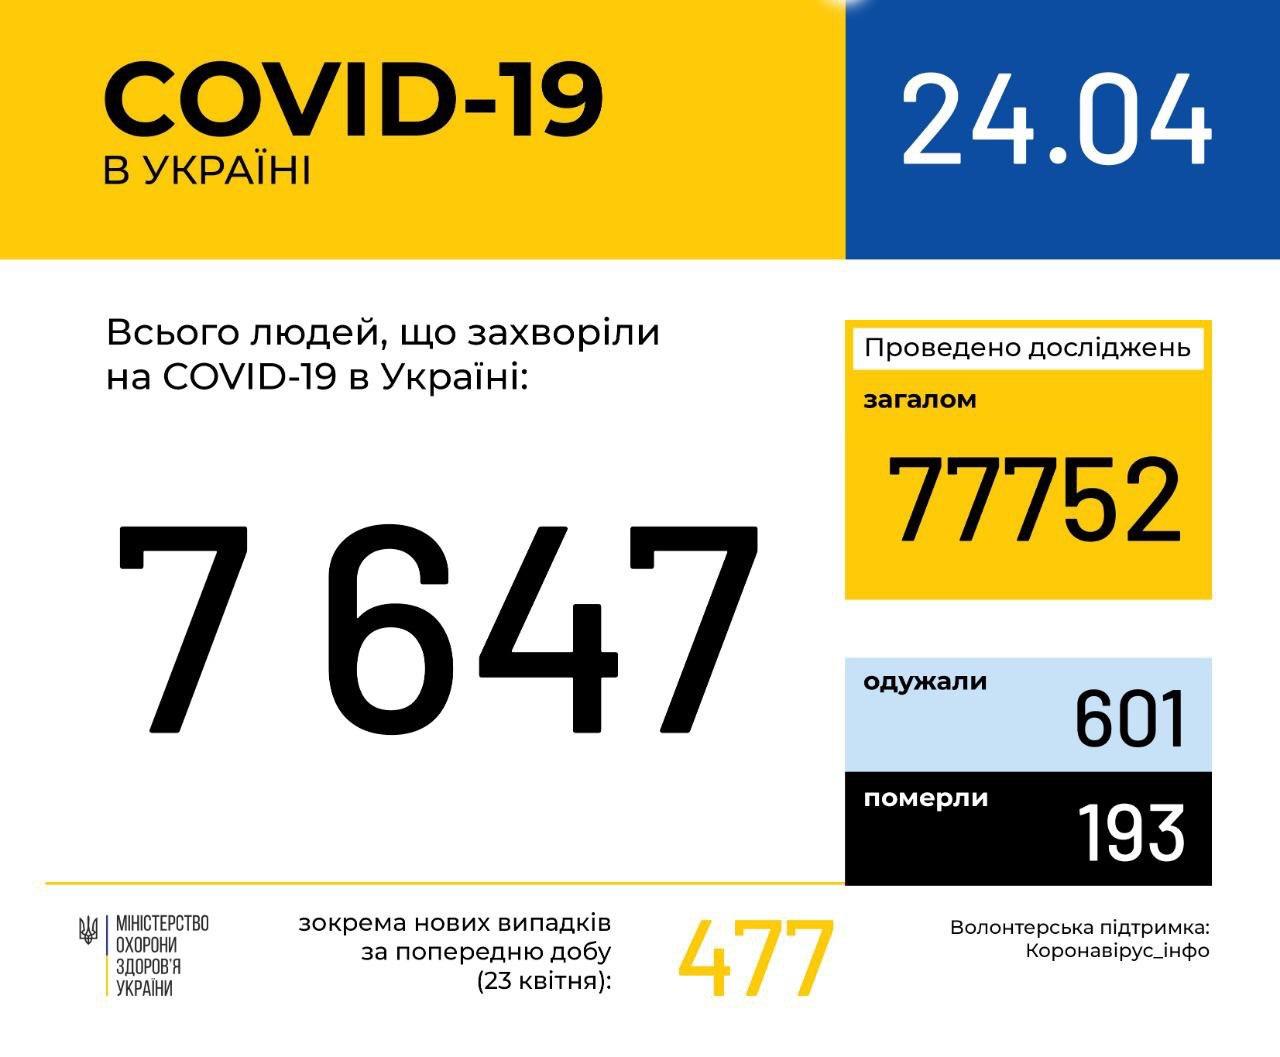 Сколько человек заболели коронавирусом в Украине на 24 апреля